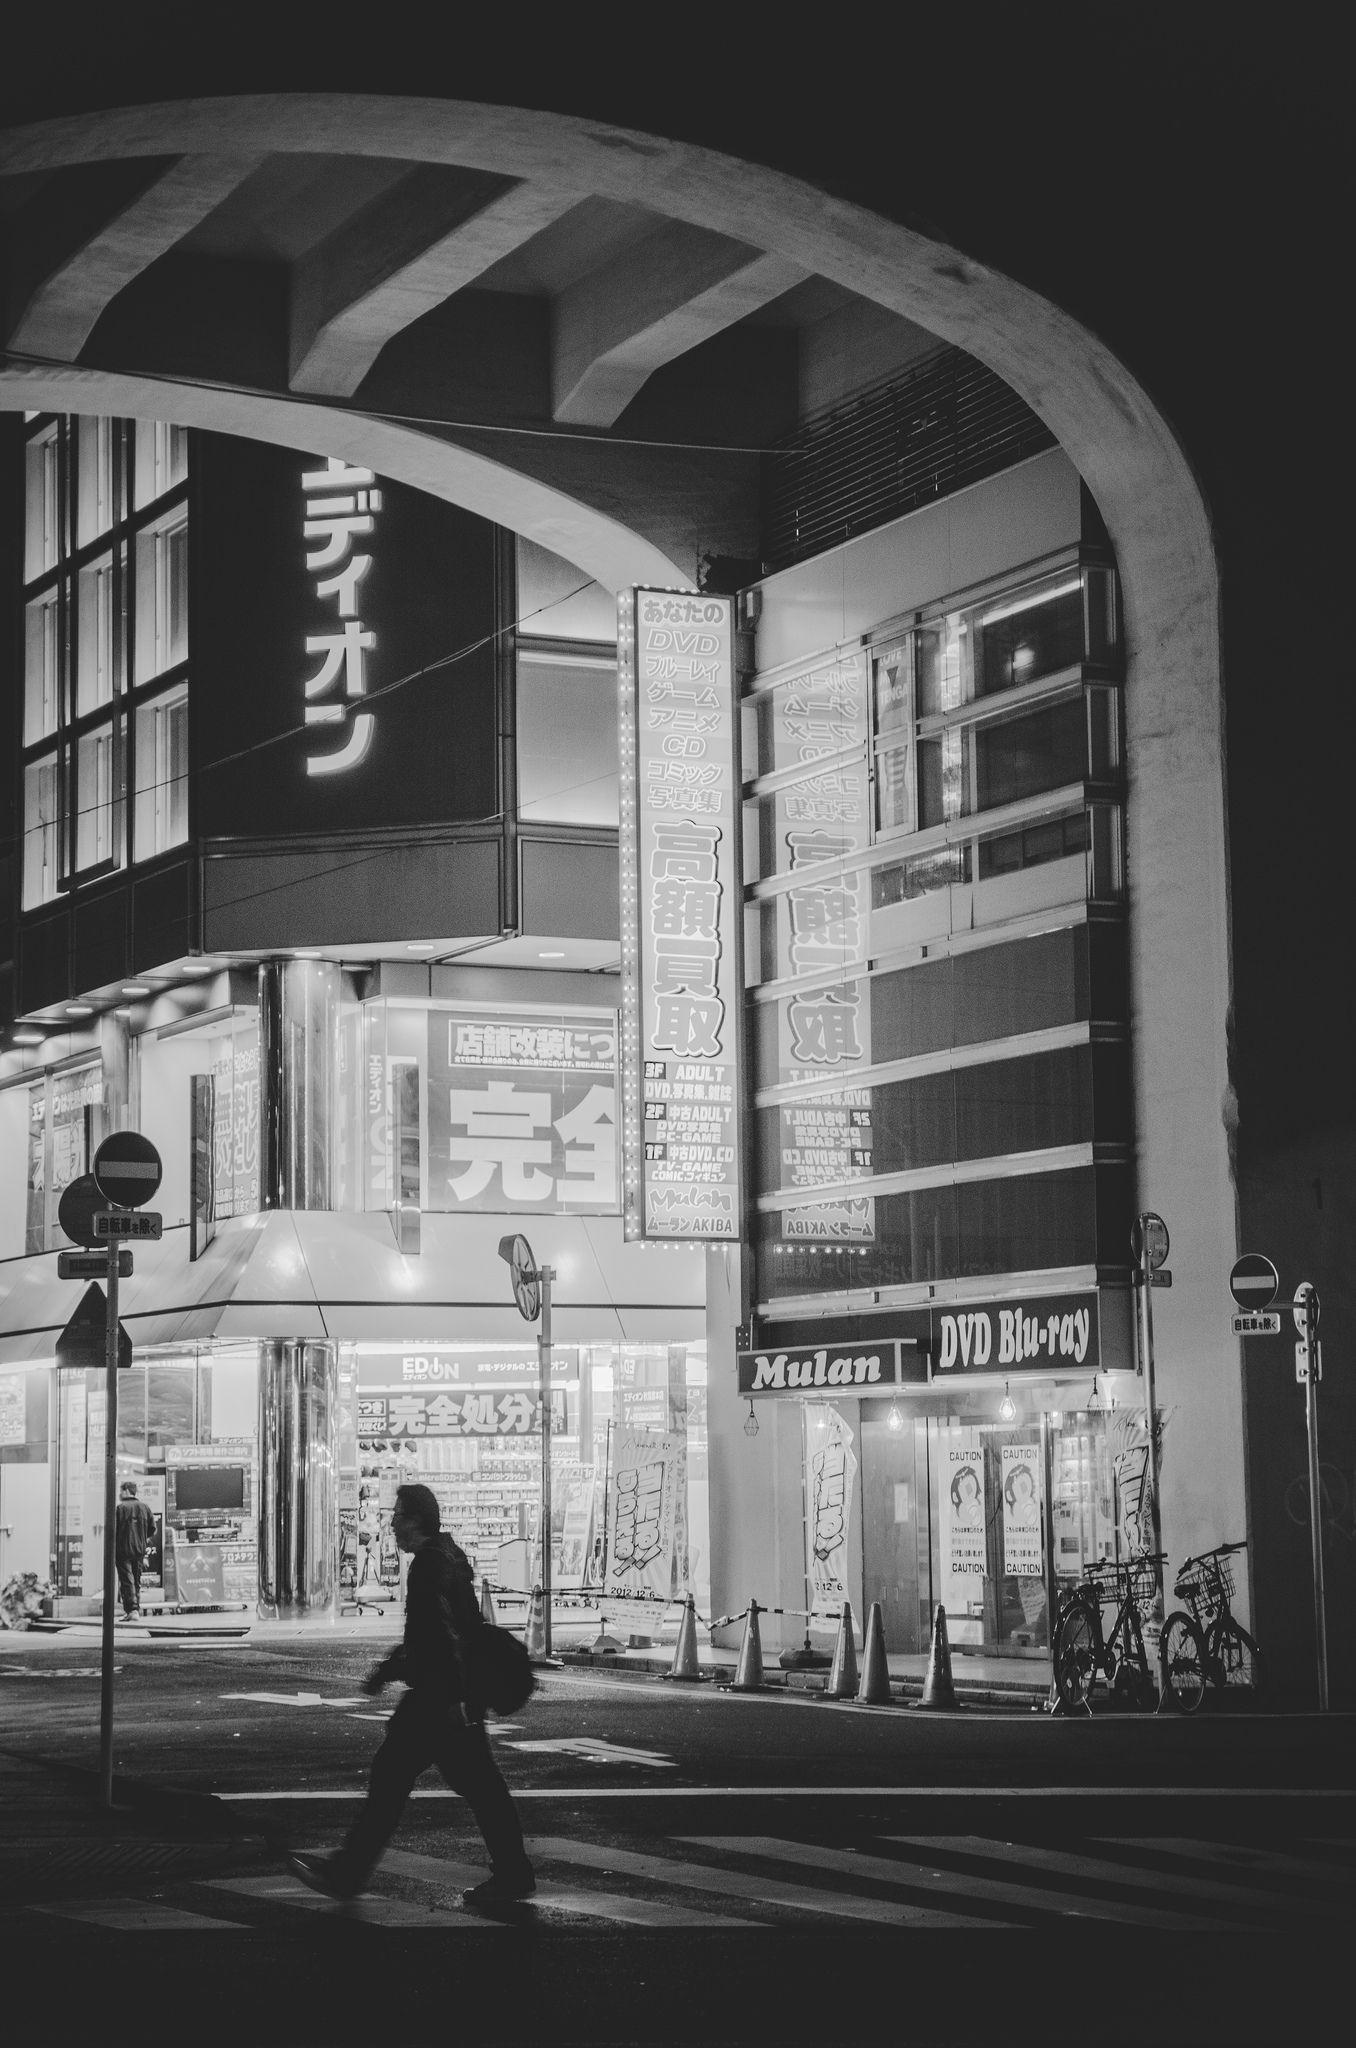 Más tamaños   Akihabara   Flickr: ¡Intercambio de fotos!